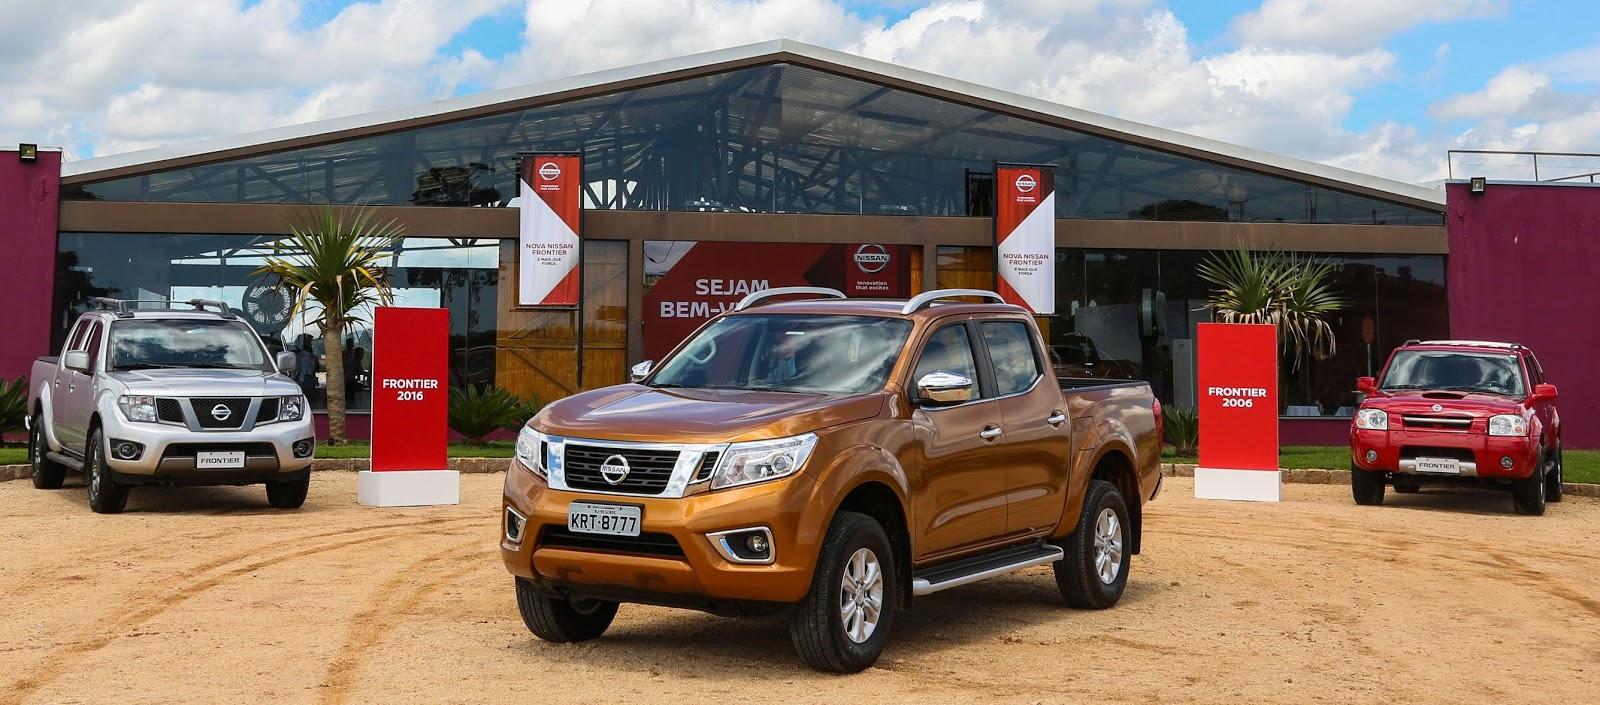 Nova Nissan Frontier: na cidade, na estrada e fora dela, uma picape preparada para tudo